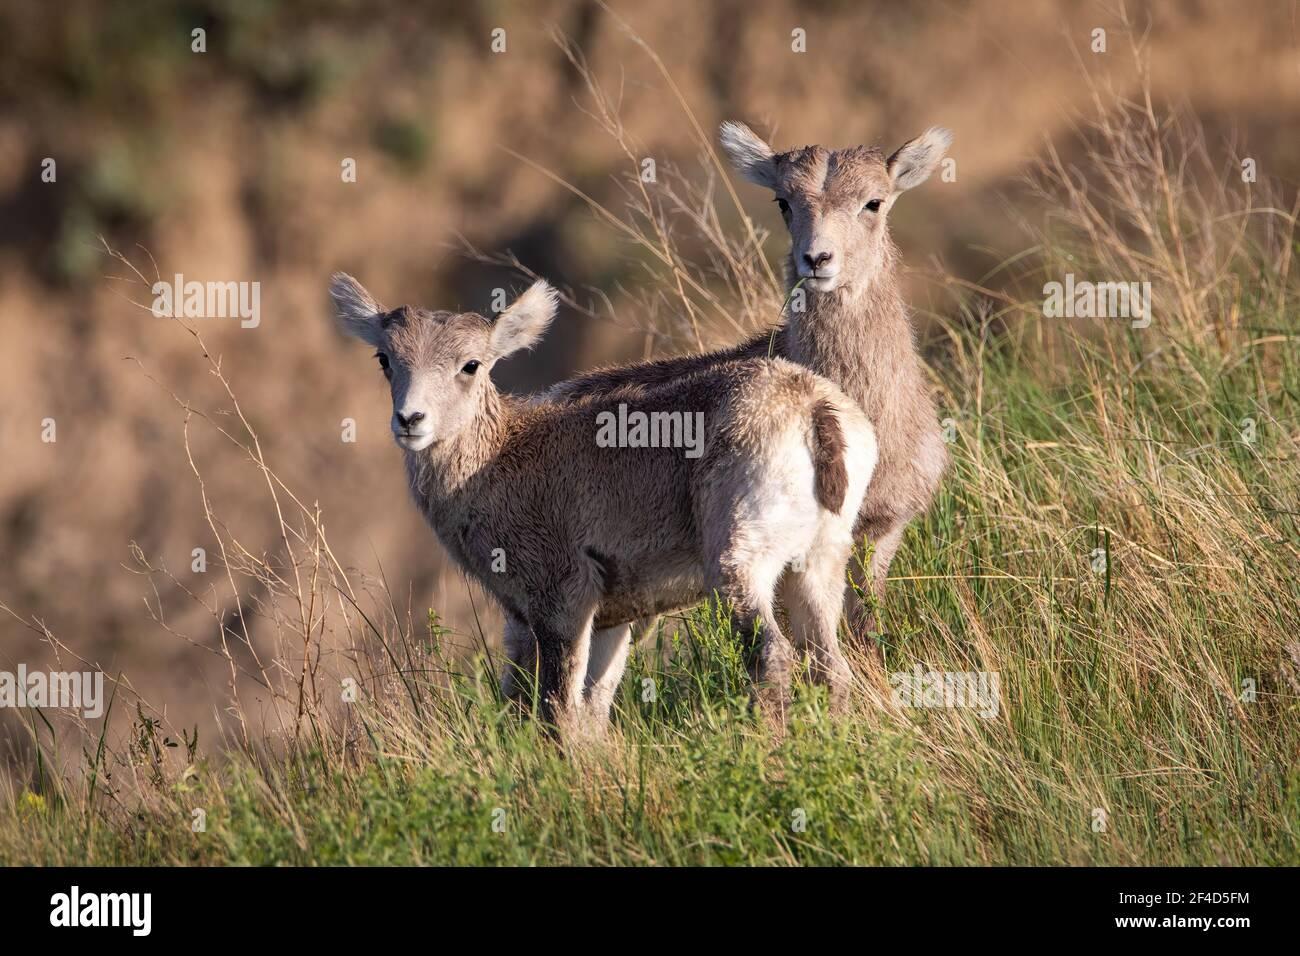 Dos ovejas de bighorn bebé de pie una al lado de la otra mirando hacia adelante y una oveja tiene un pedazo de hierba en su boca. Foto de stock